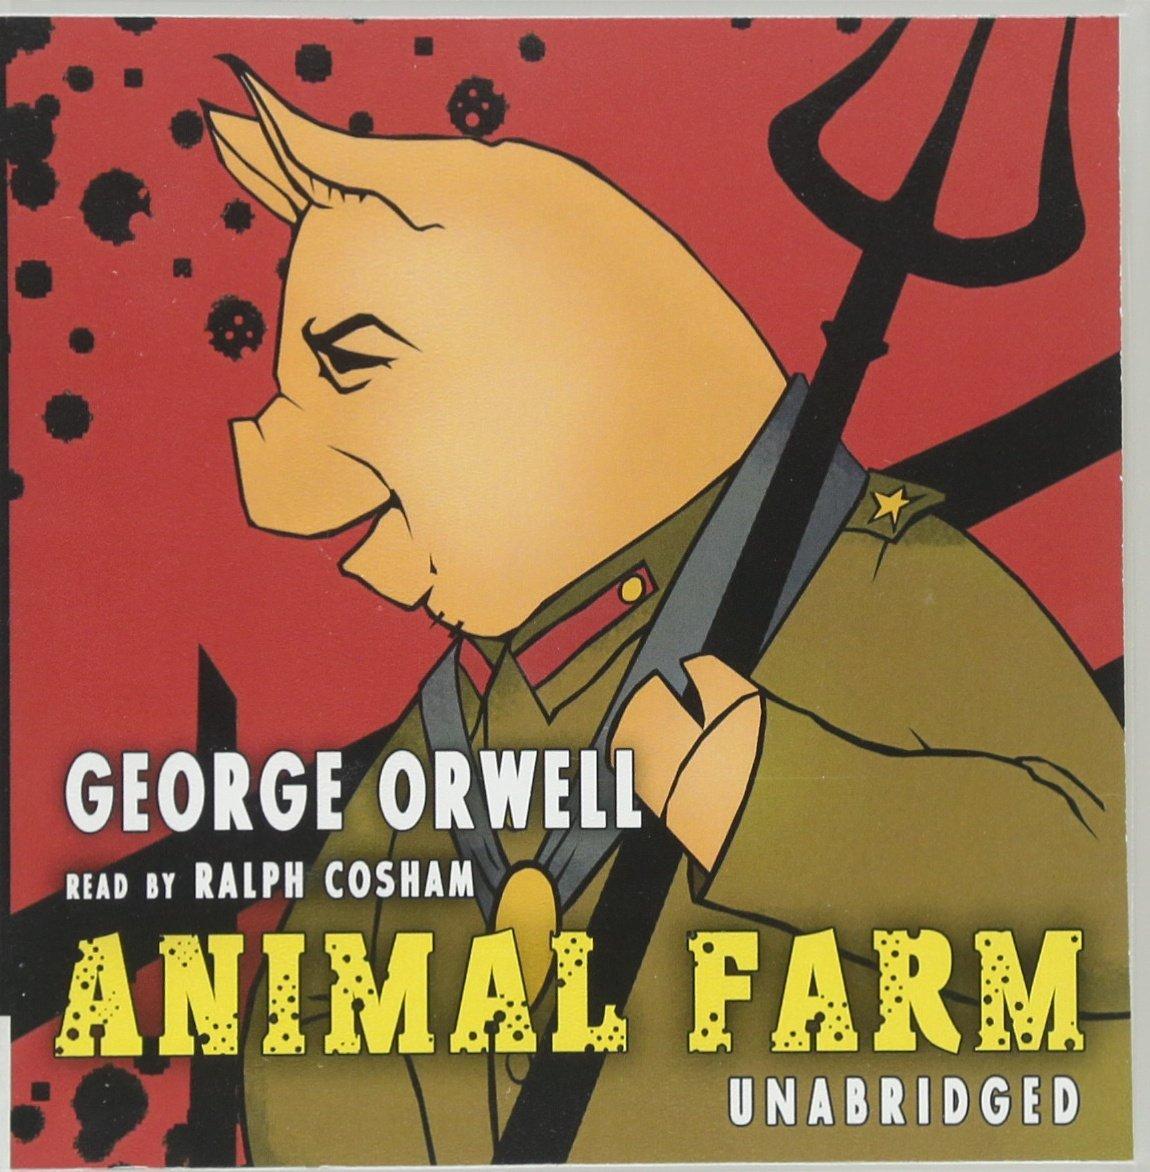 تحليل شخصيات رواية مزرعة الحيوانات لجورج ارويل Animal Farm بالعربي والانجليزي 71wJ+9C83vL